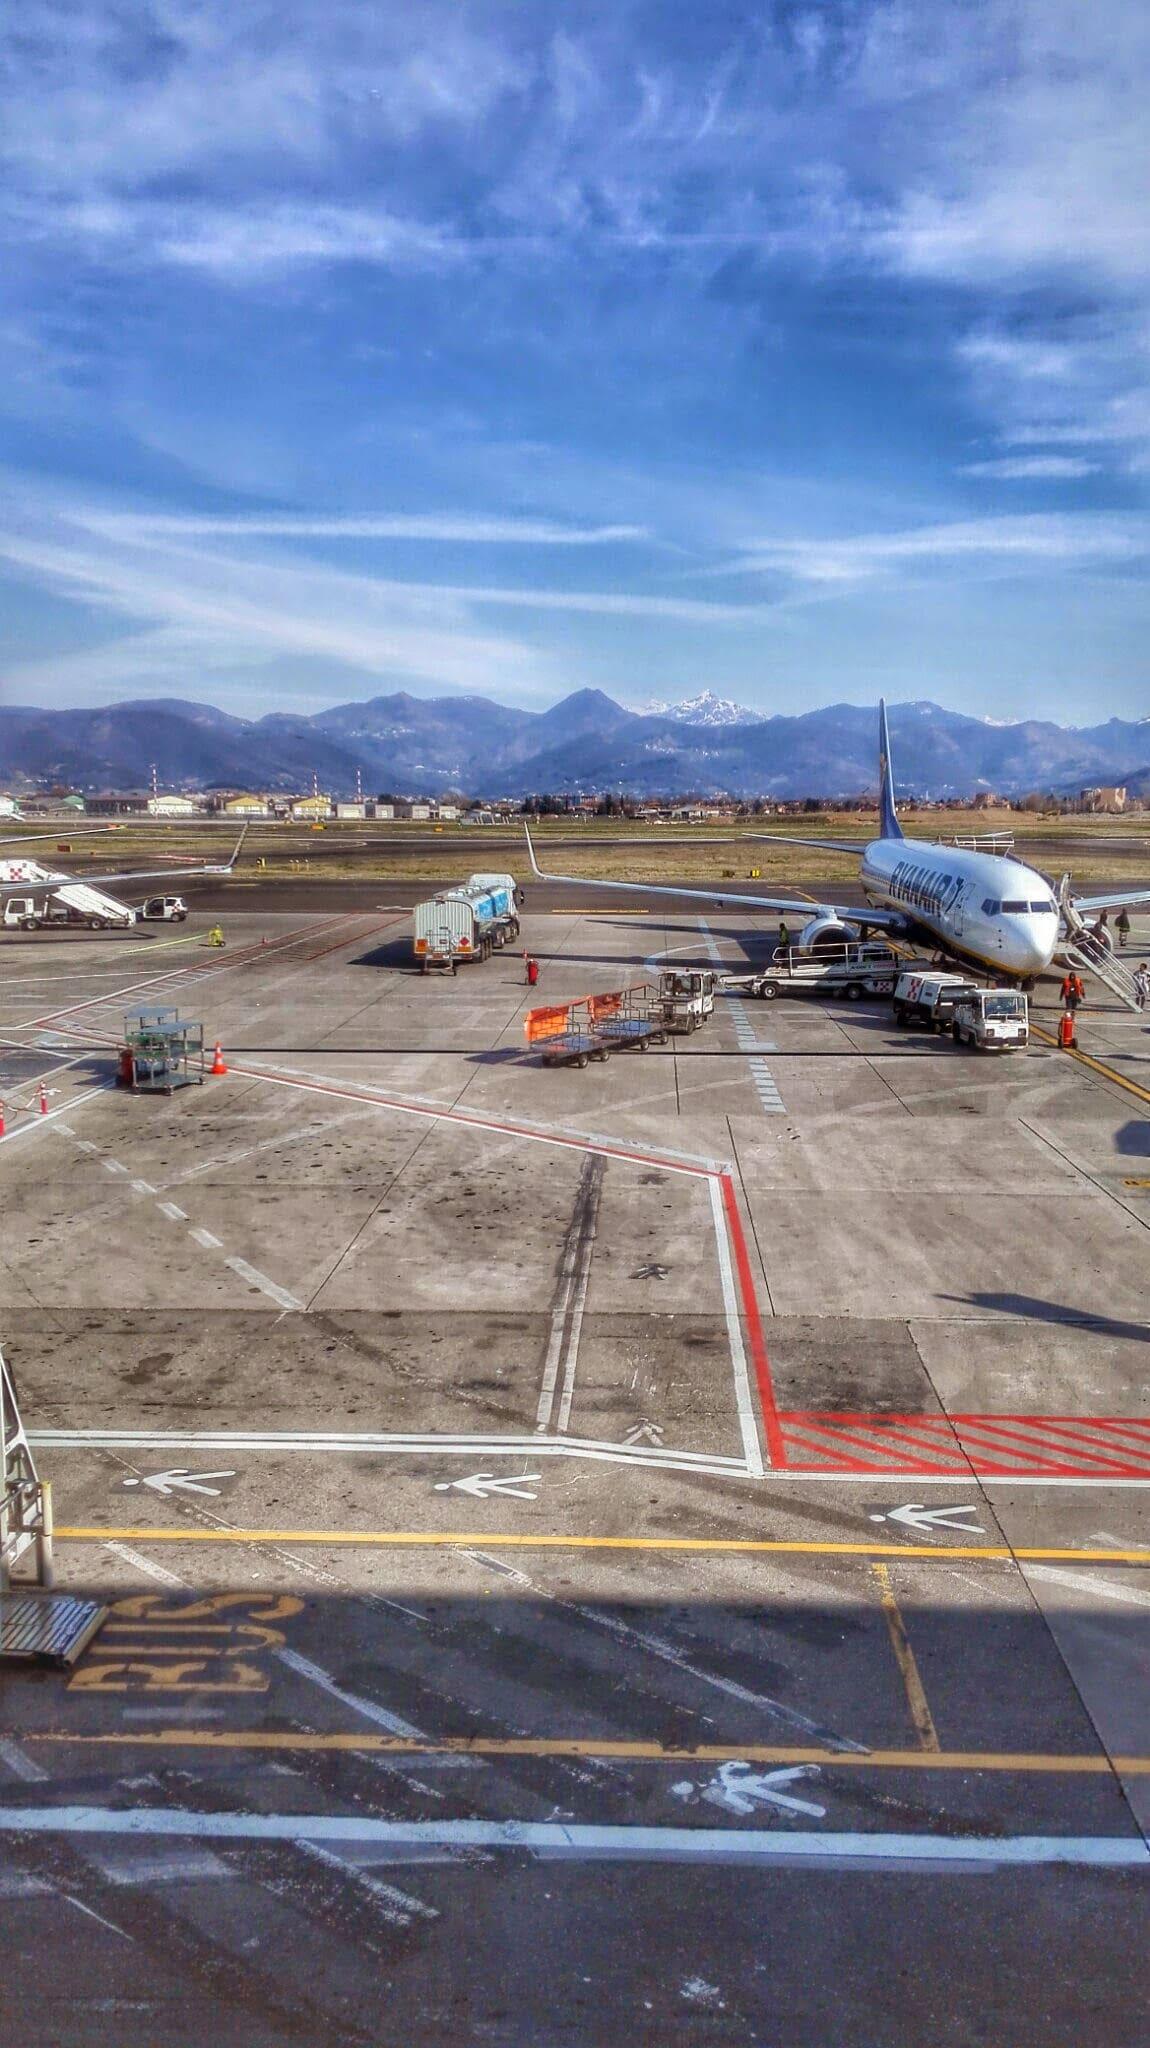 Aeroporto Orio : Bergamo aeroporto di orio al serio più di milioni di